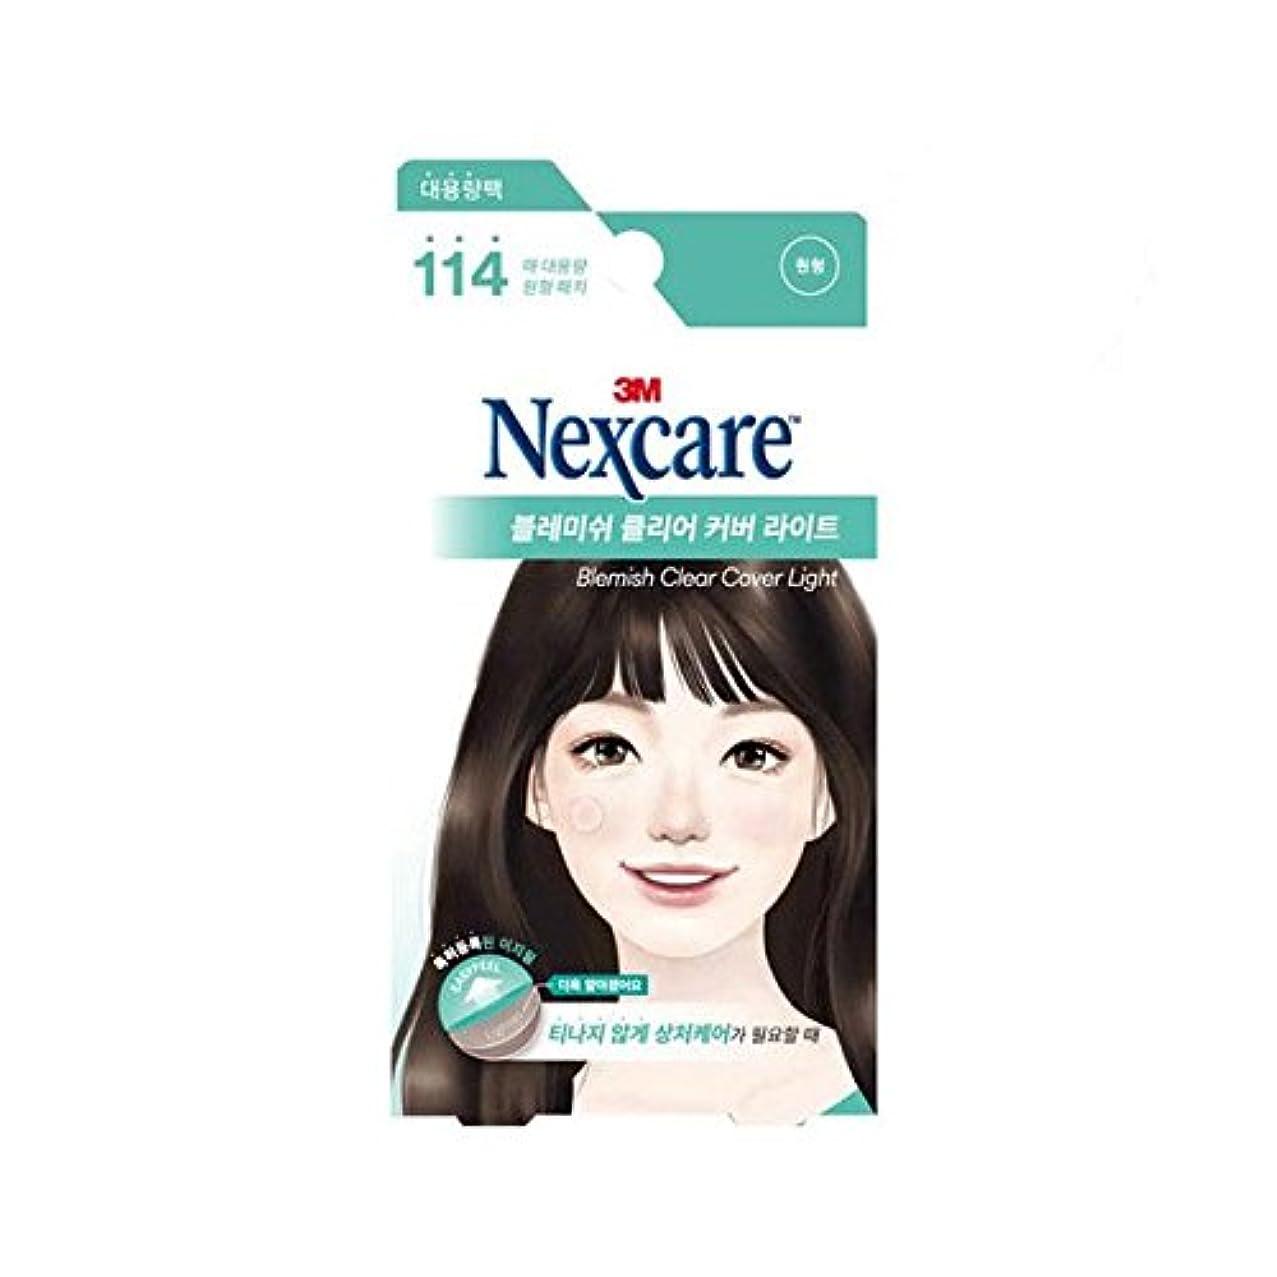 放射能請求書ミネラル[New] 3M Nexcare Blemish Clear Cover Light Easy Peel 114 Patches/3M ネクスケア ブレミッシュ クリア カバー ライト イージー ピール 114パッチ入り [並行輸入品]